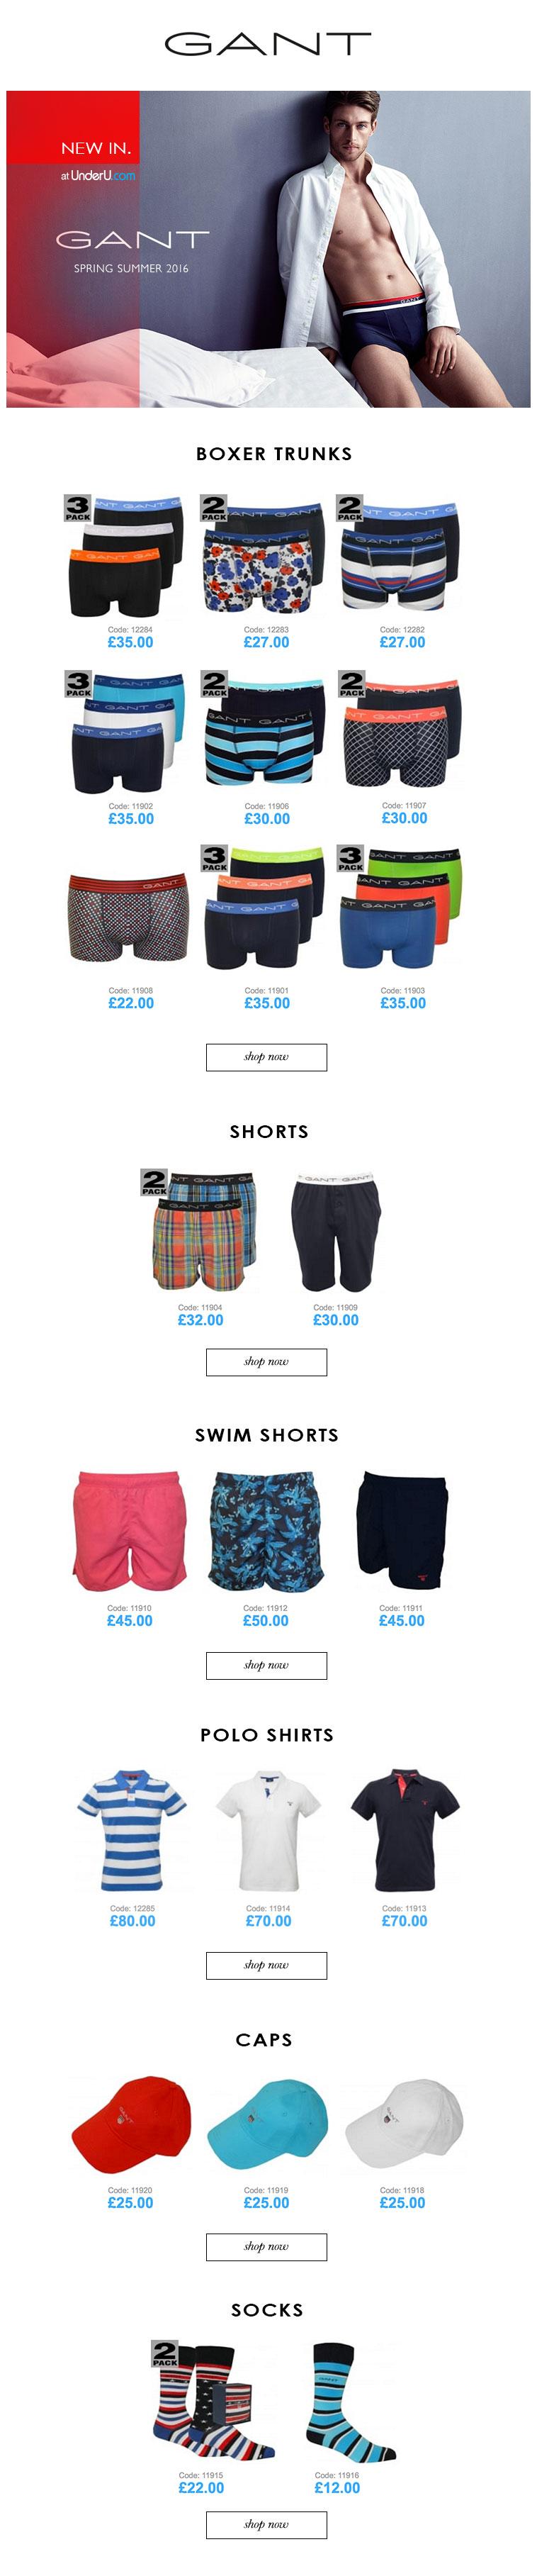 Gant Underwear & Gant Men's Swimwear SS16 collection | UnderU